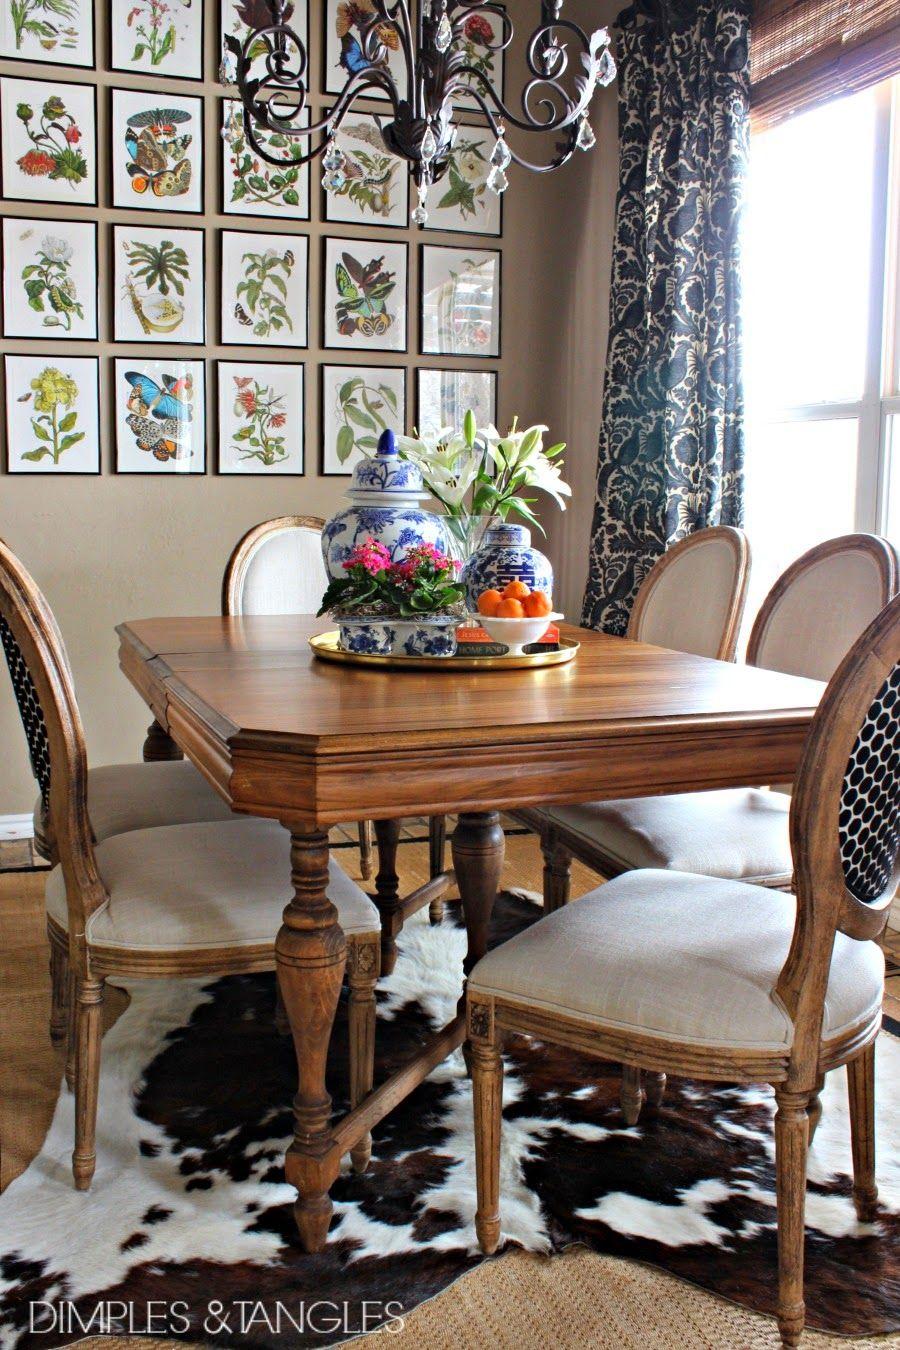 Cowhide Rug 2 Jpg Jpg 900 1350 Cowhide Rug Dining Room Dining Room Table Cow Hide Rug